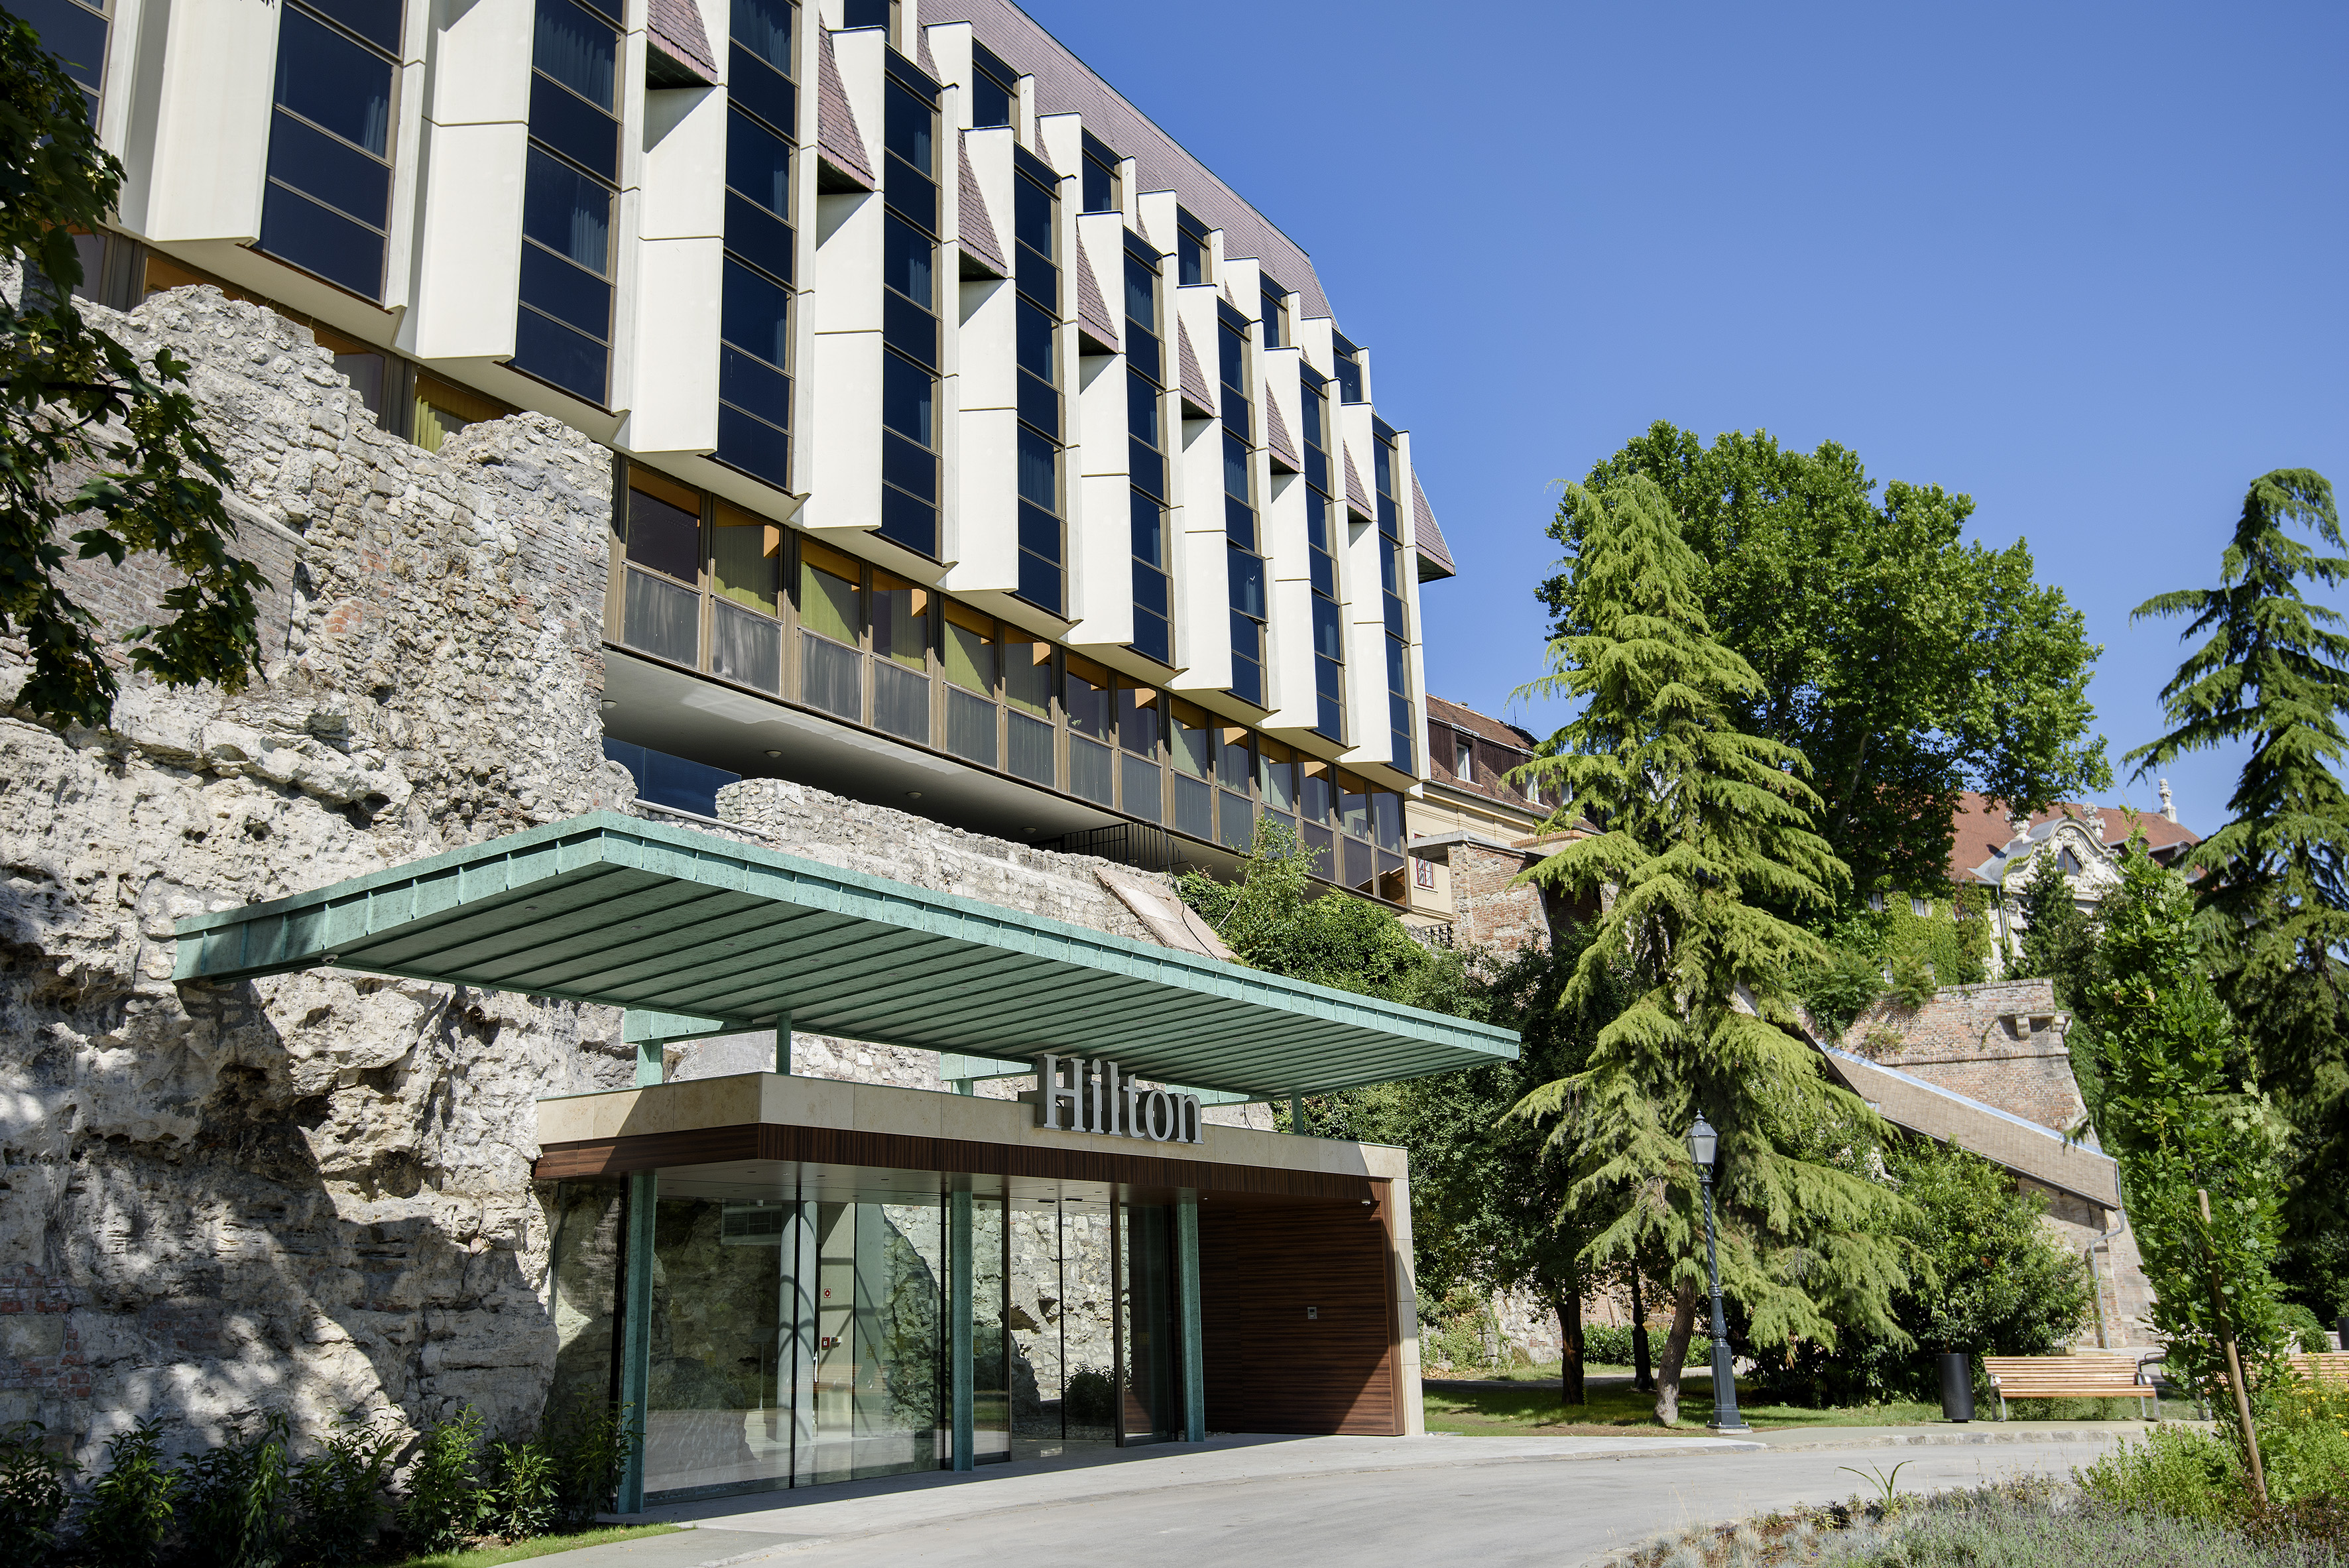 Hilton Budapest Historil Lounge bejárat